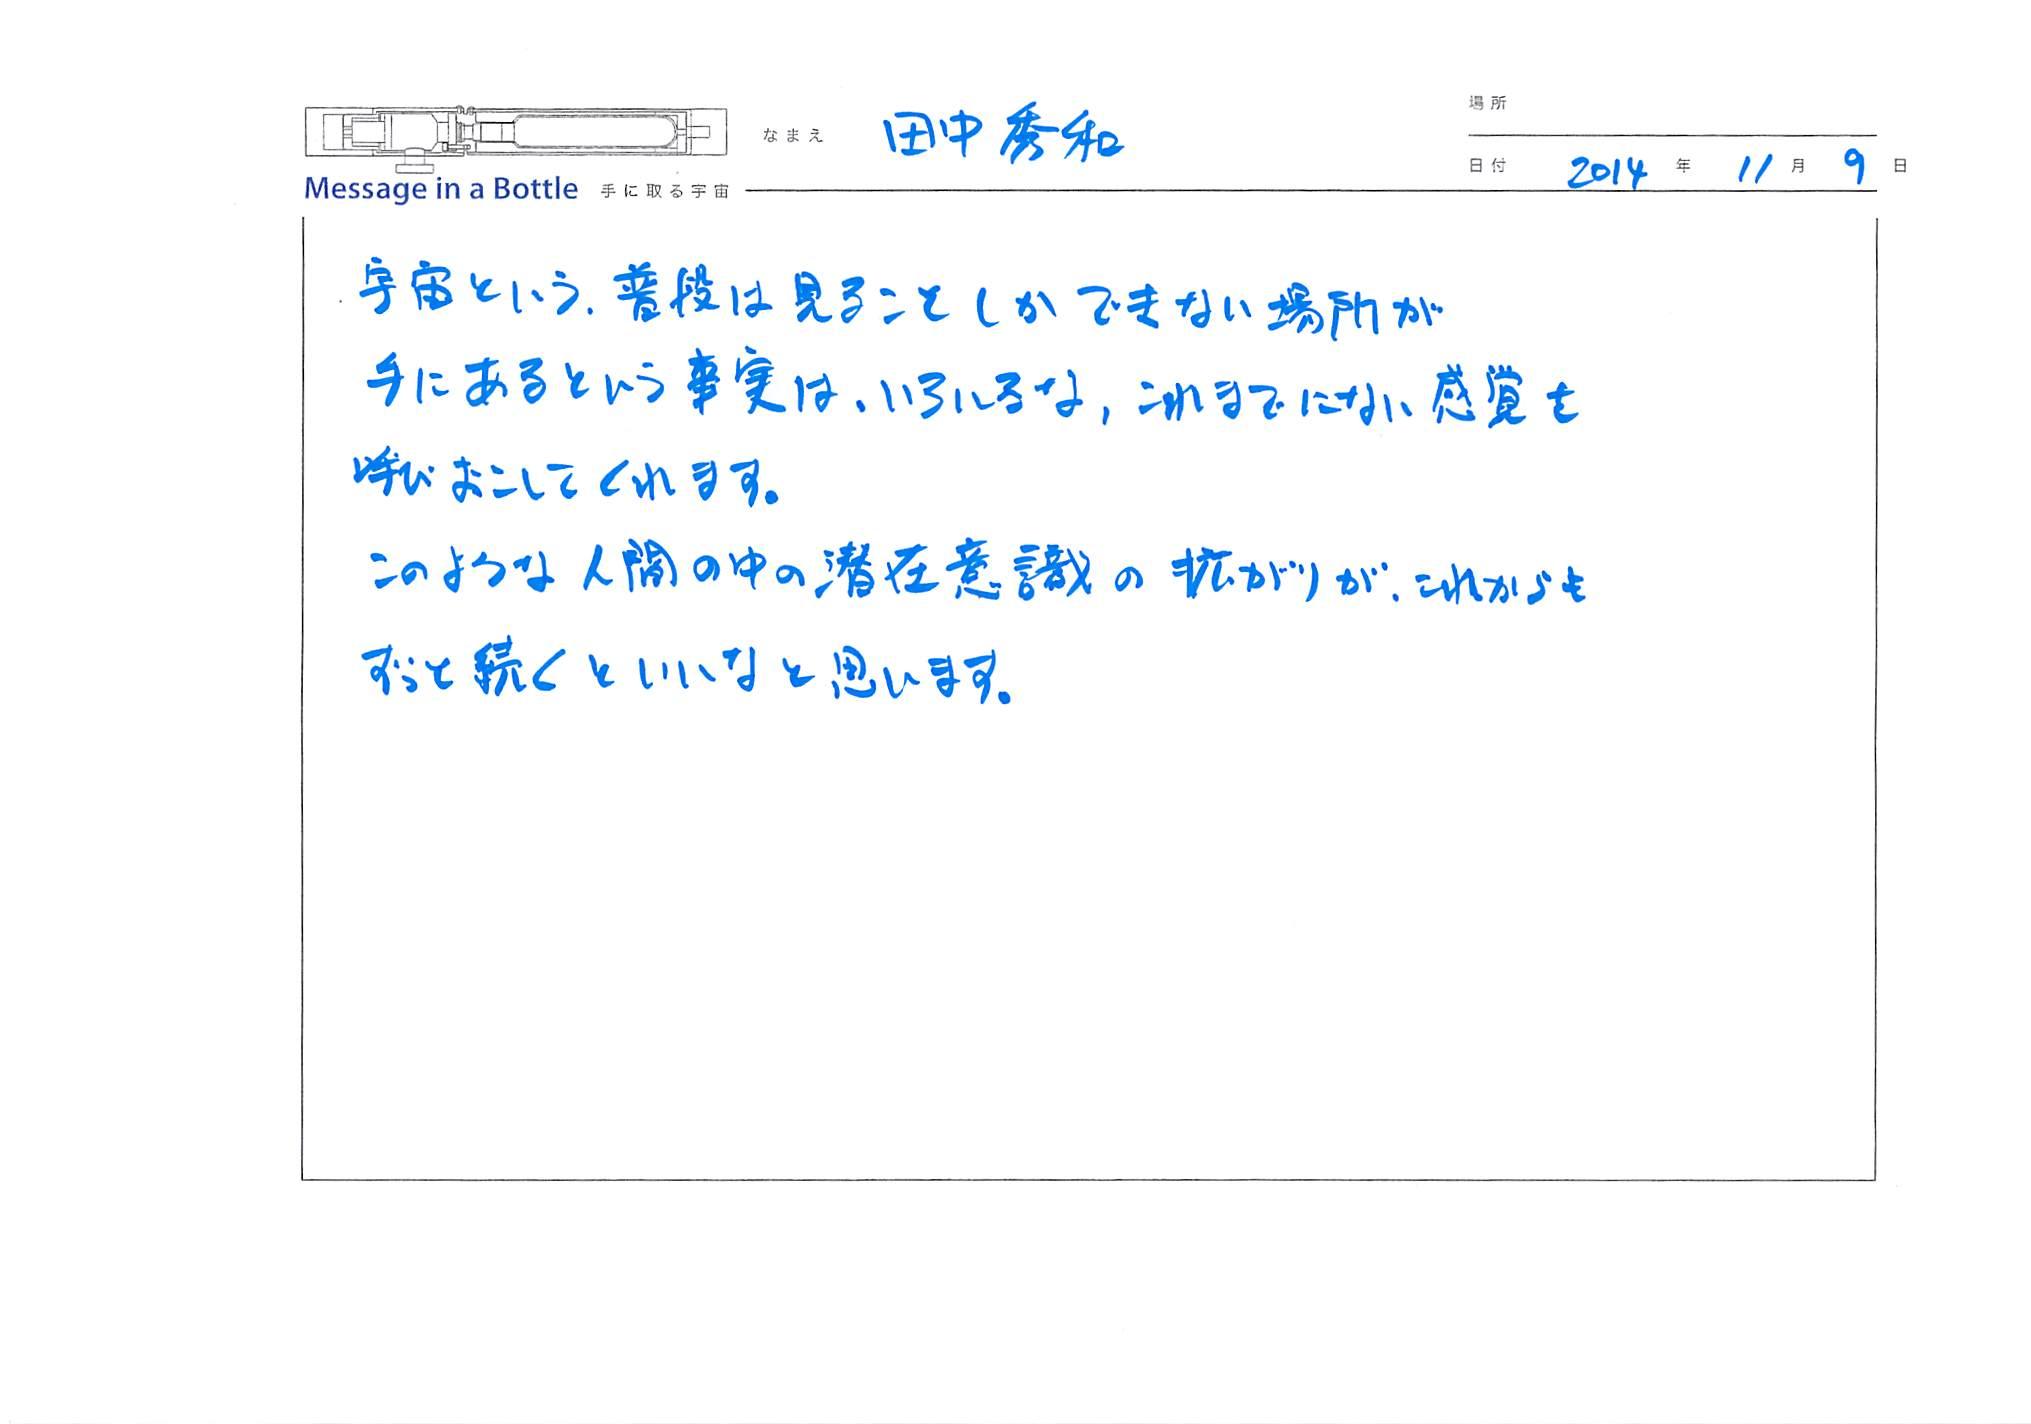 2014-11-09-14-47-43.jpg